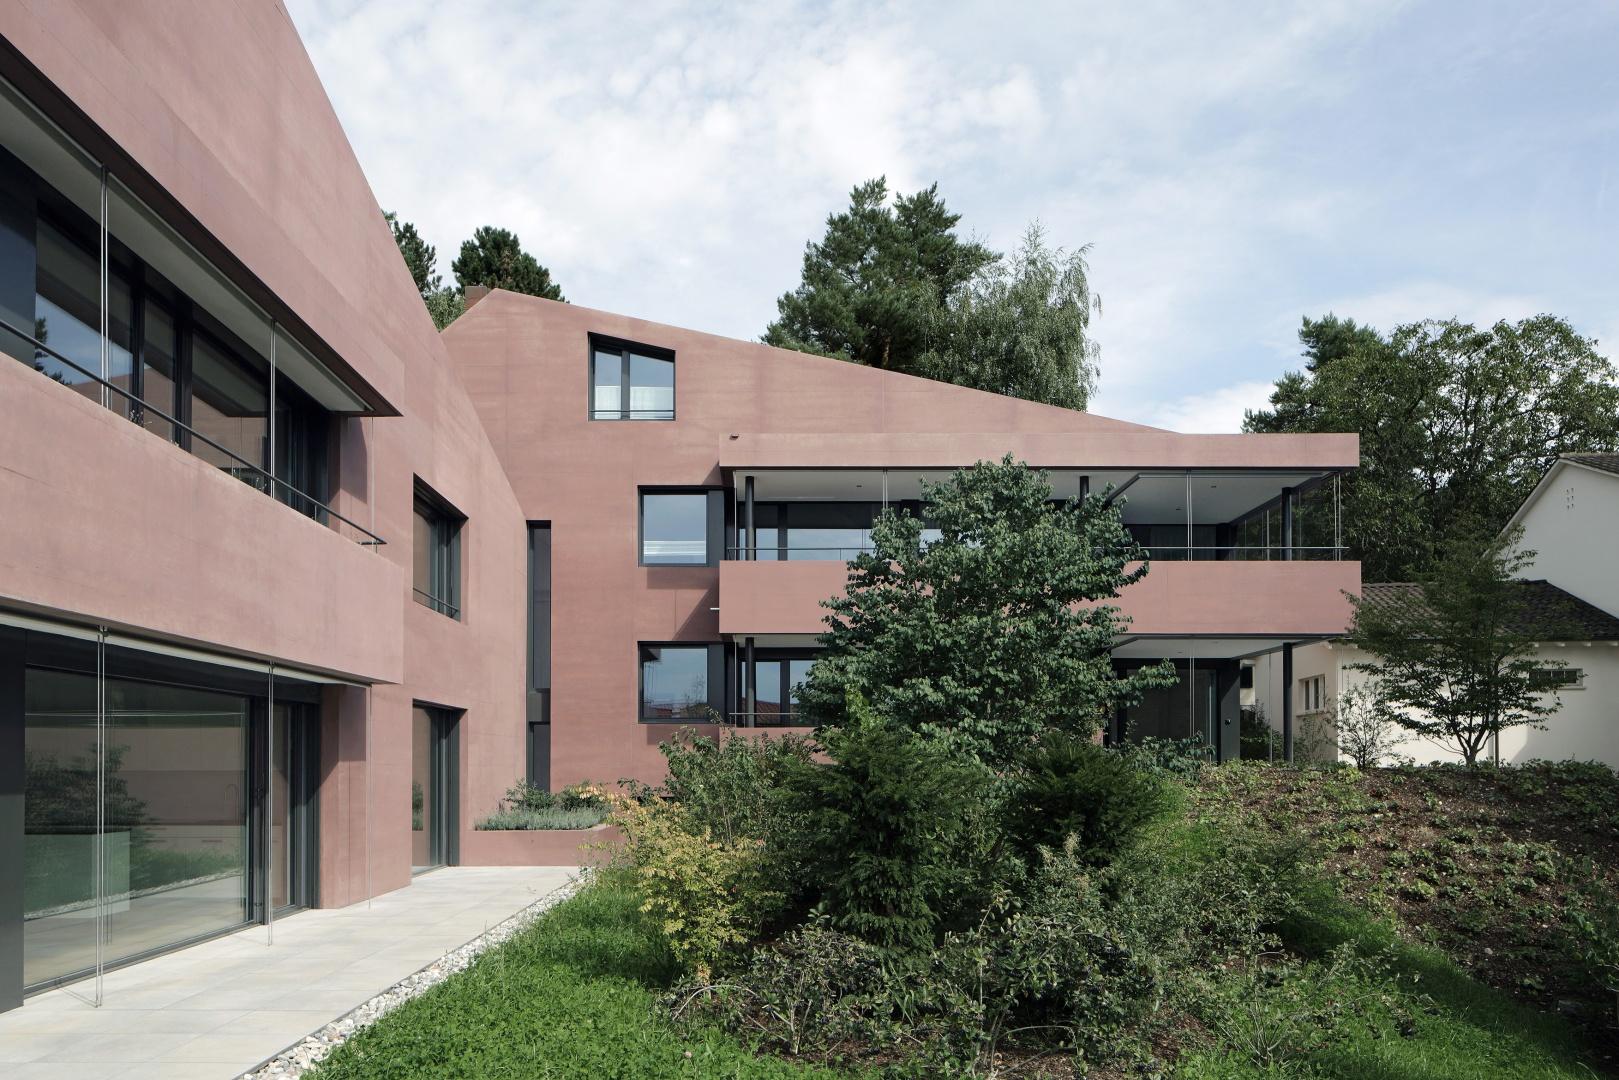 Bodenweg_Fassade_Süd-West © Tom Bisig, Basel